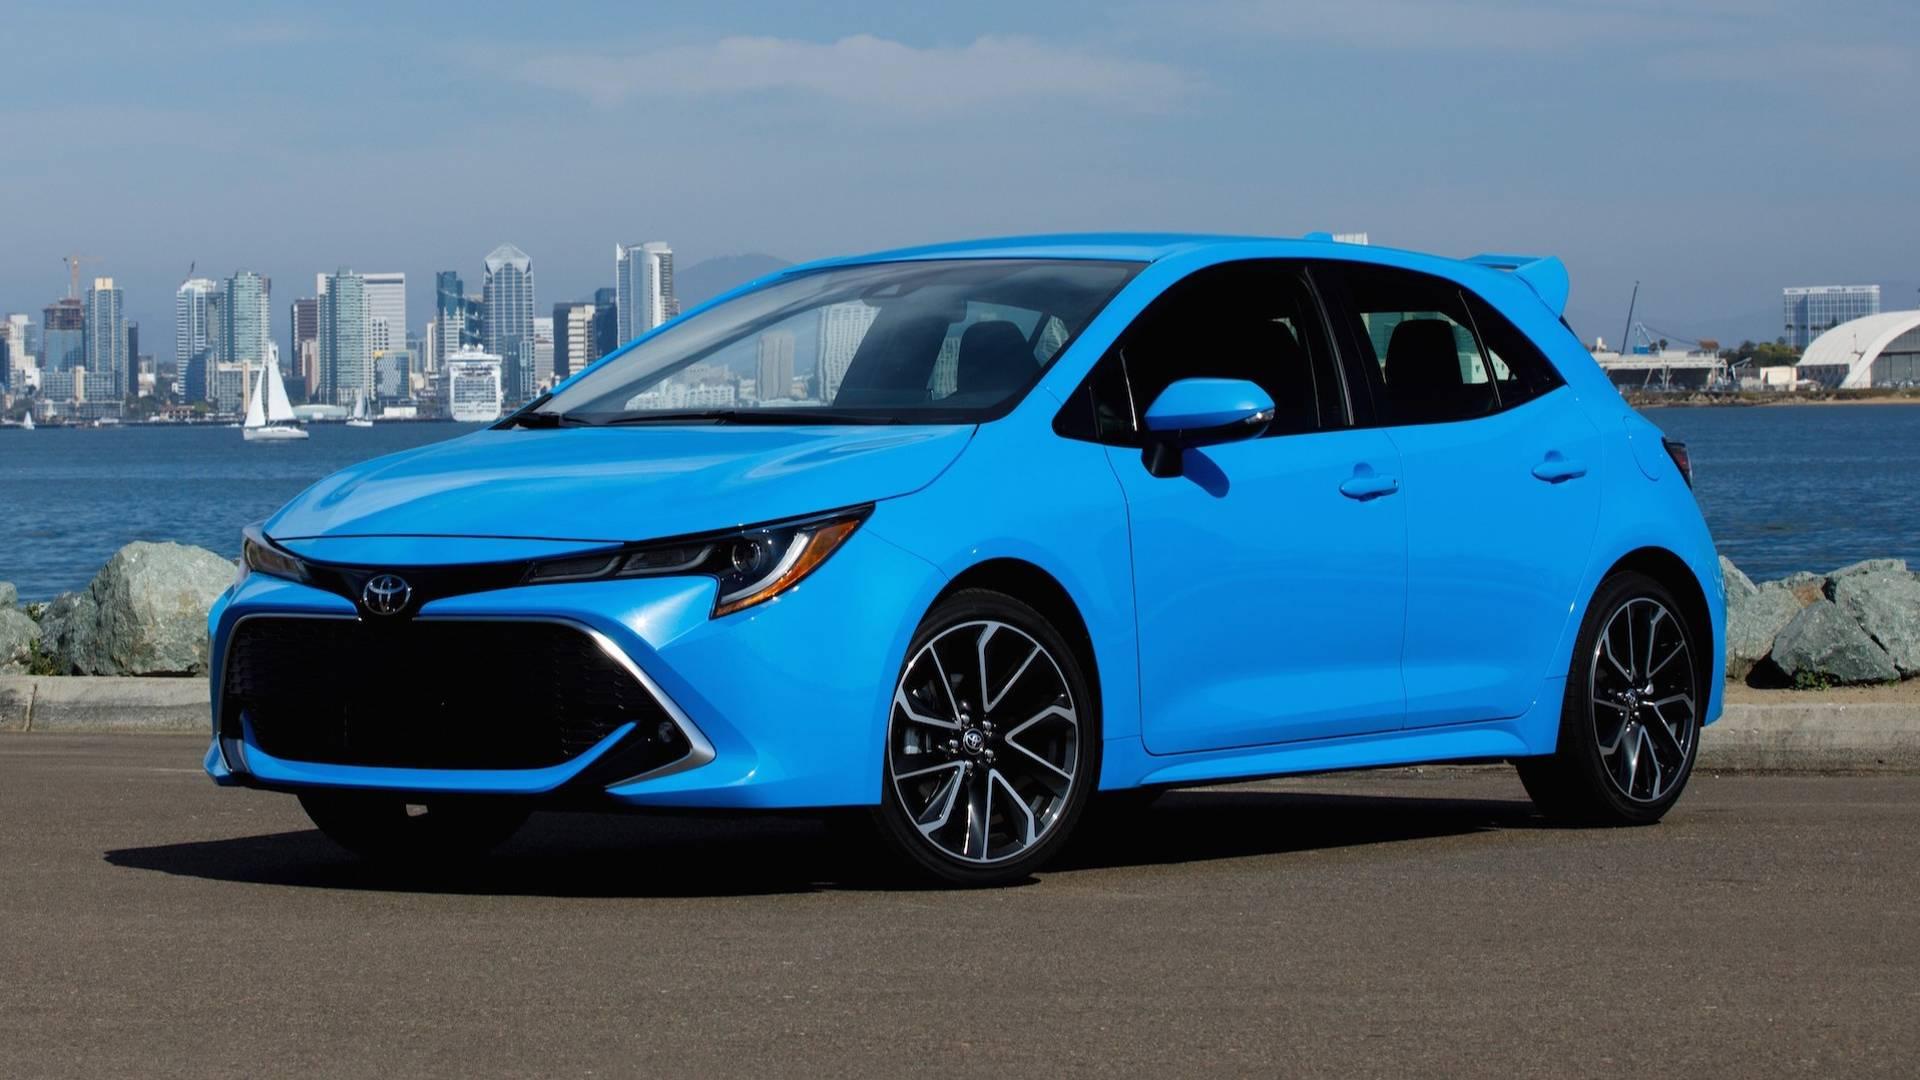 2019 Toyota Corolla Hatchback (50 başarılı yıl ve 44 milyon adet satış)